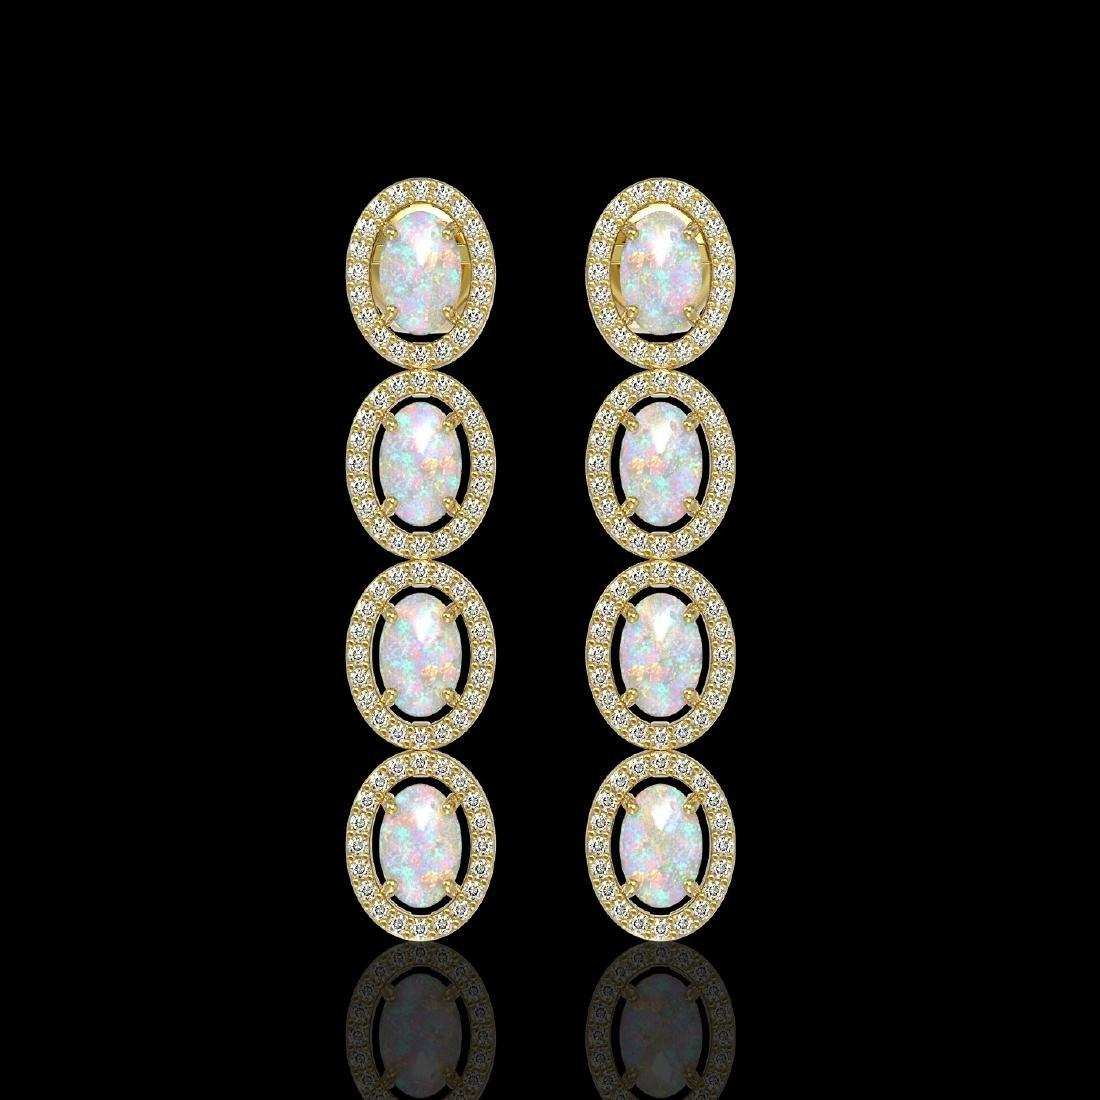 4.05 CTW Opal & Diamond Halo Earrings 10K Yellow Gold